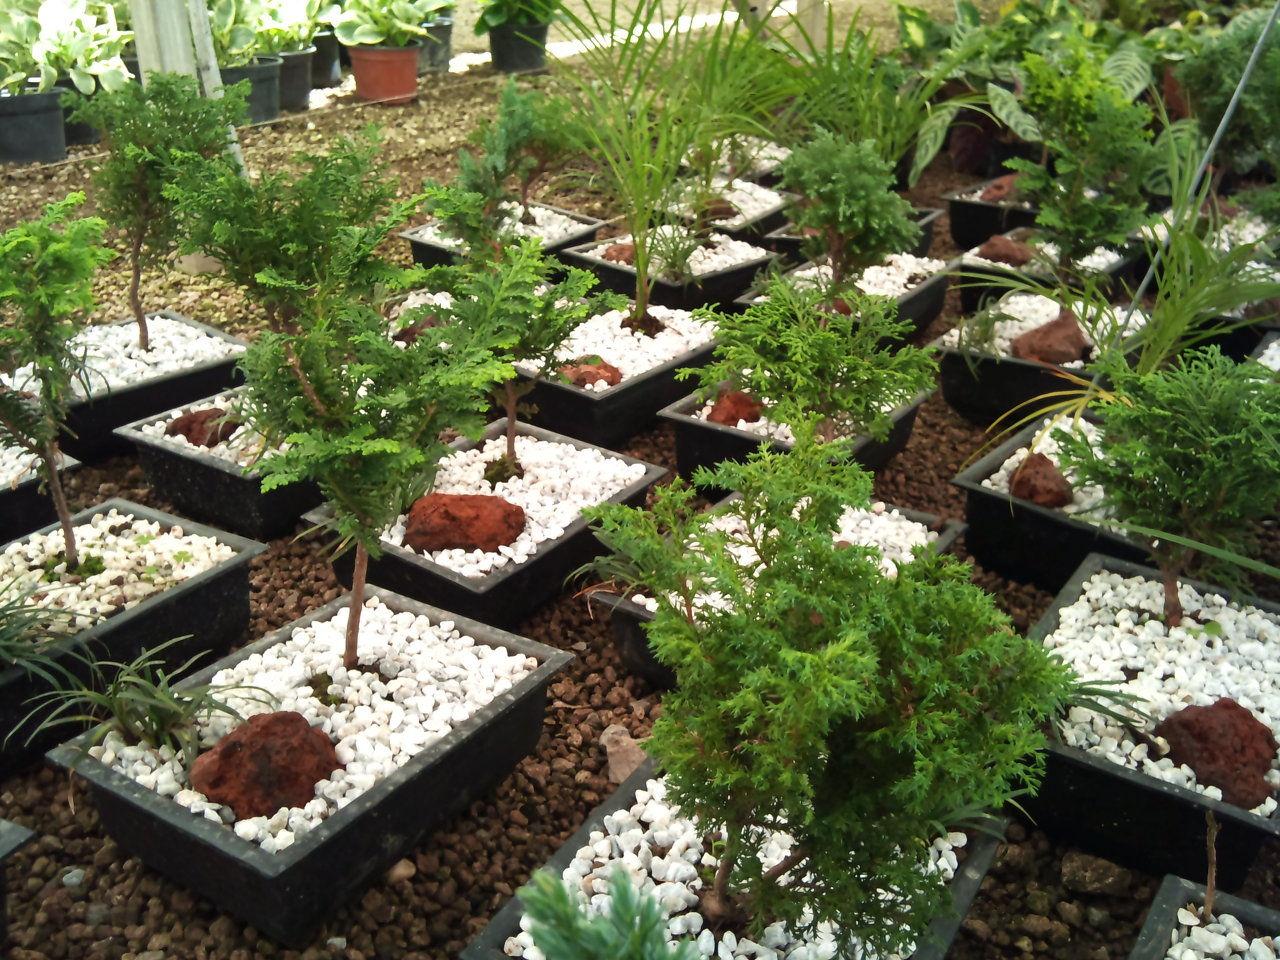 Viveros rancho calderon arboles y palmas for Viveros arboles frutales